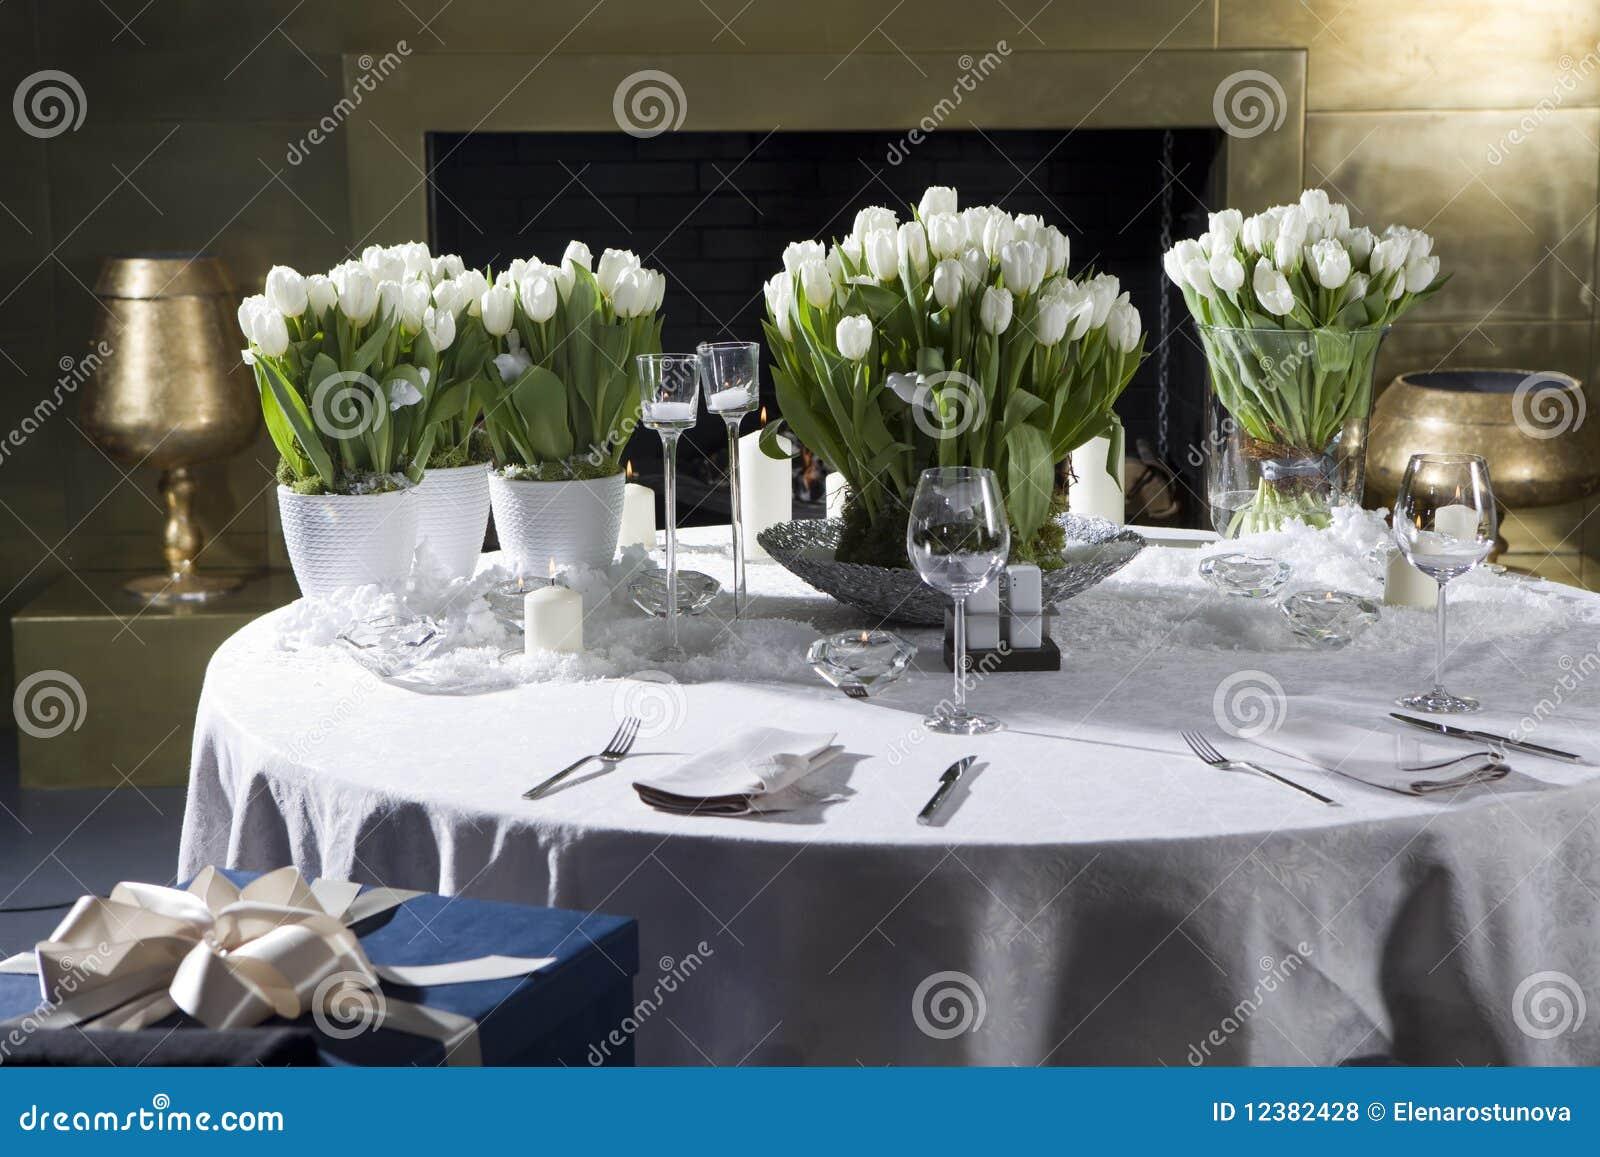 Decoratie van de eettafel royalty vrije stock foto 39 s afbeelding 12382428 - Decoratie van de villas ...